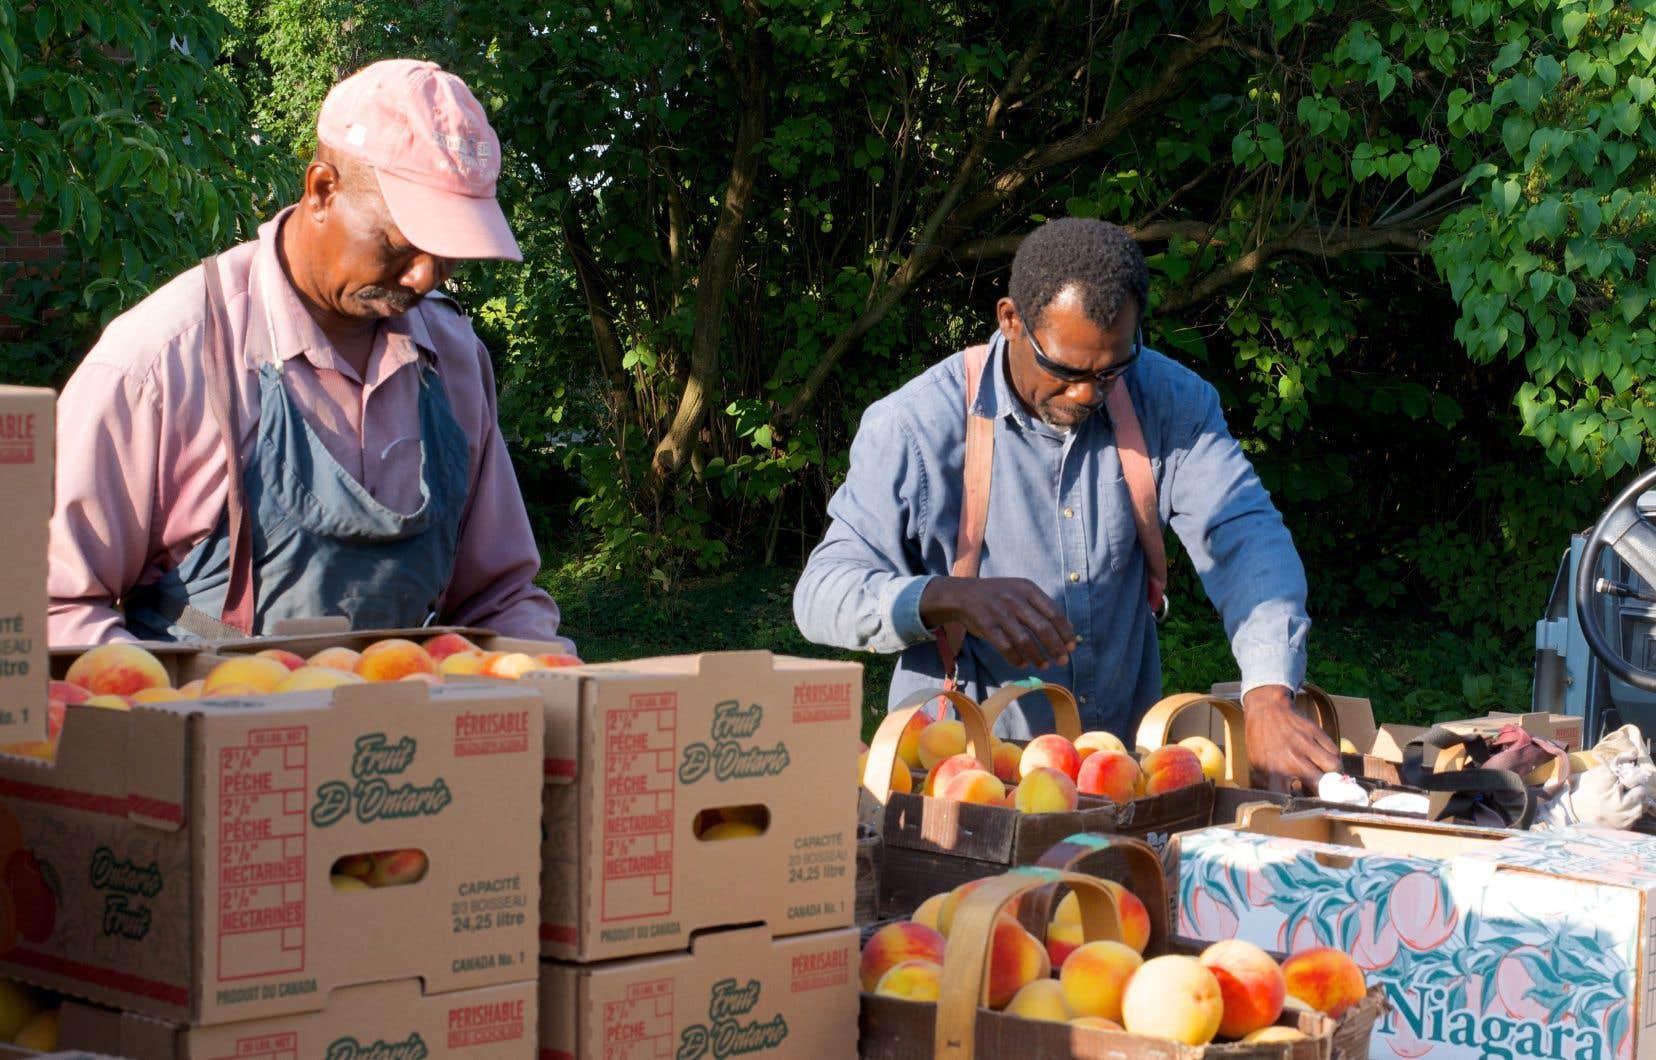 Le taux d'emploi pour les réfugiés somaliens est de 44%.